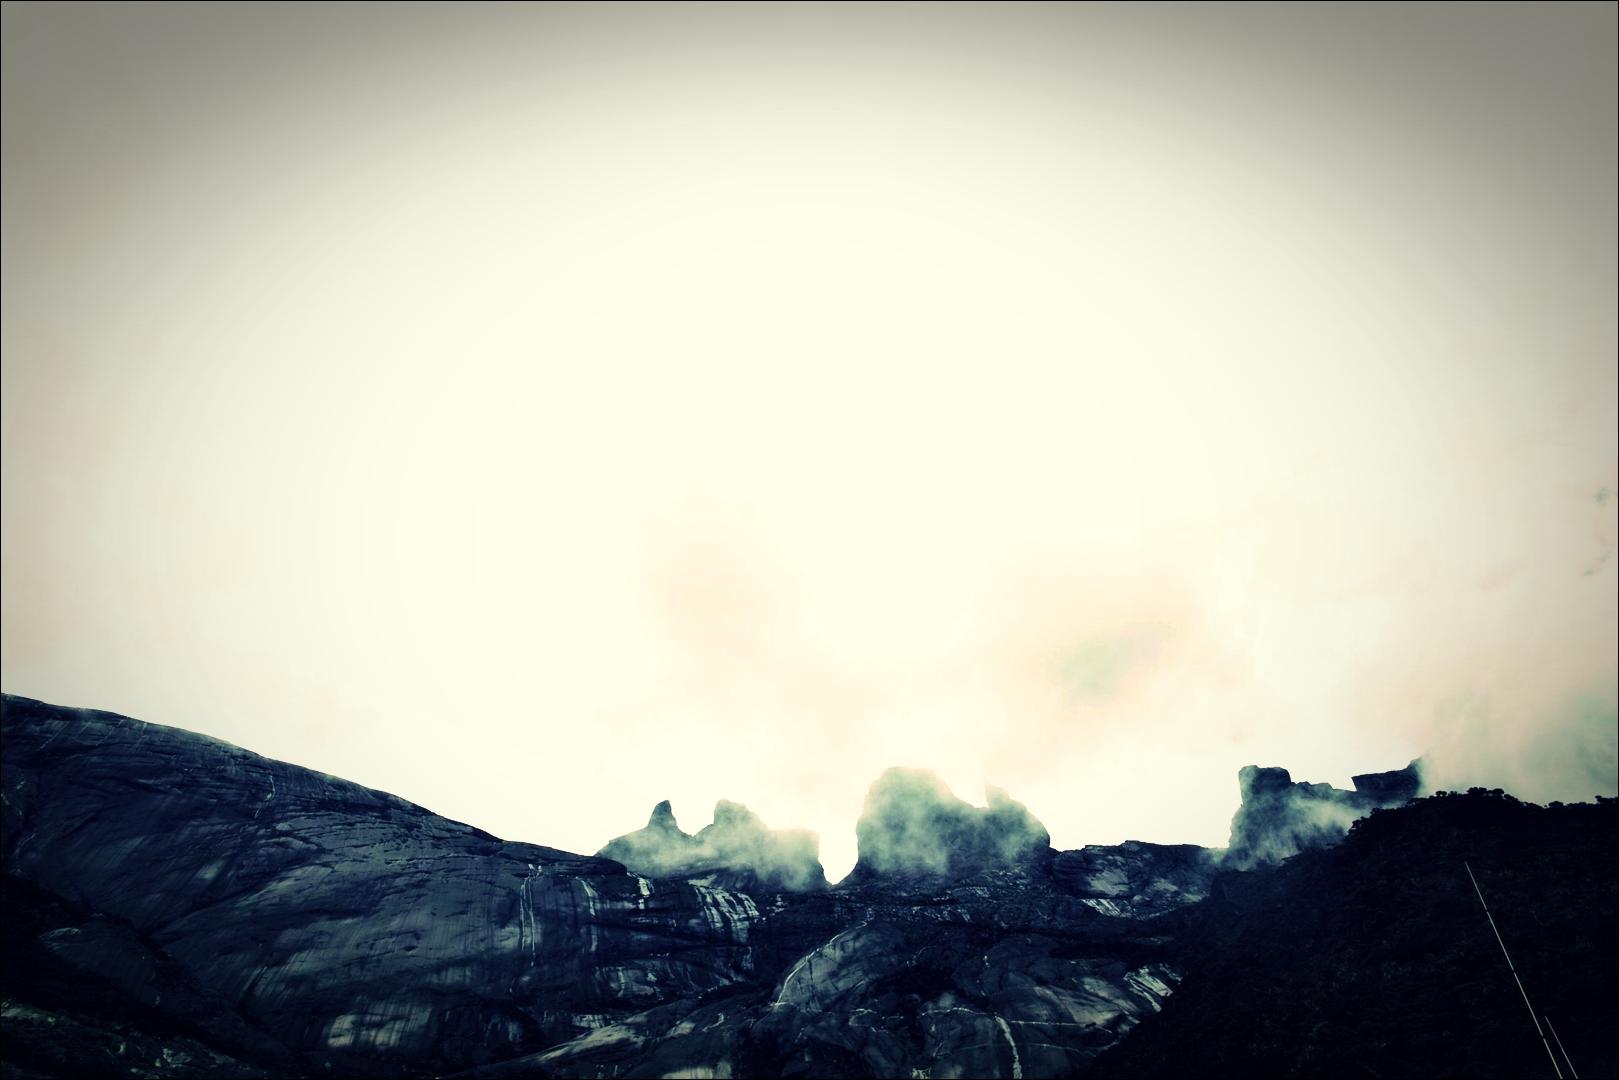 바위산-'키나발루 산 등정 Climbing mount Kinabalu Low's peak the summit'